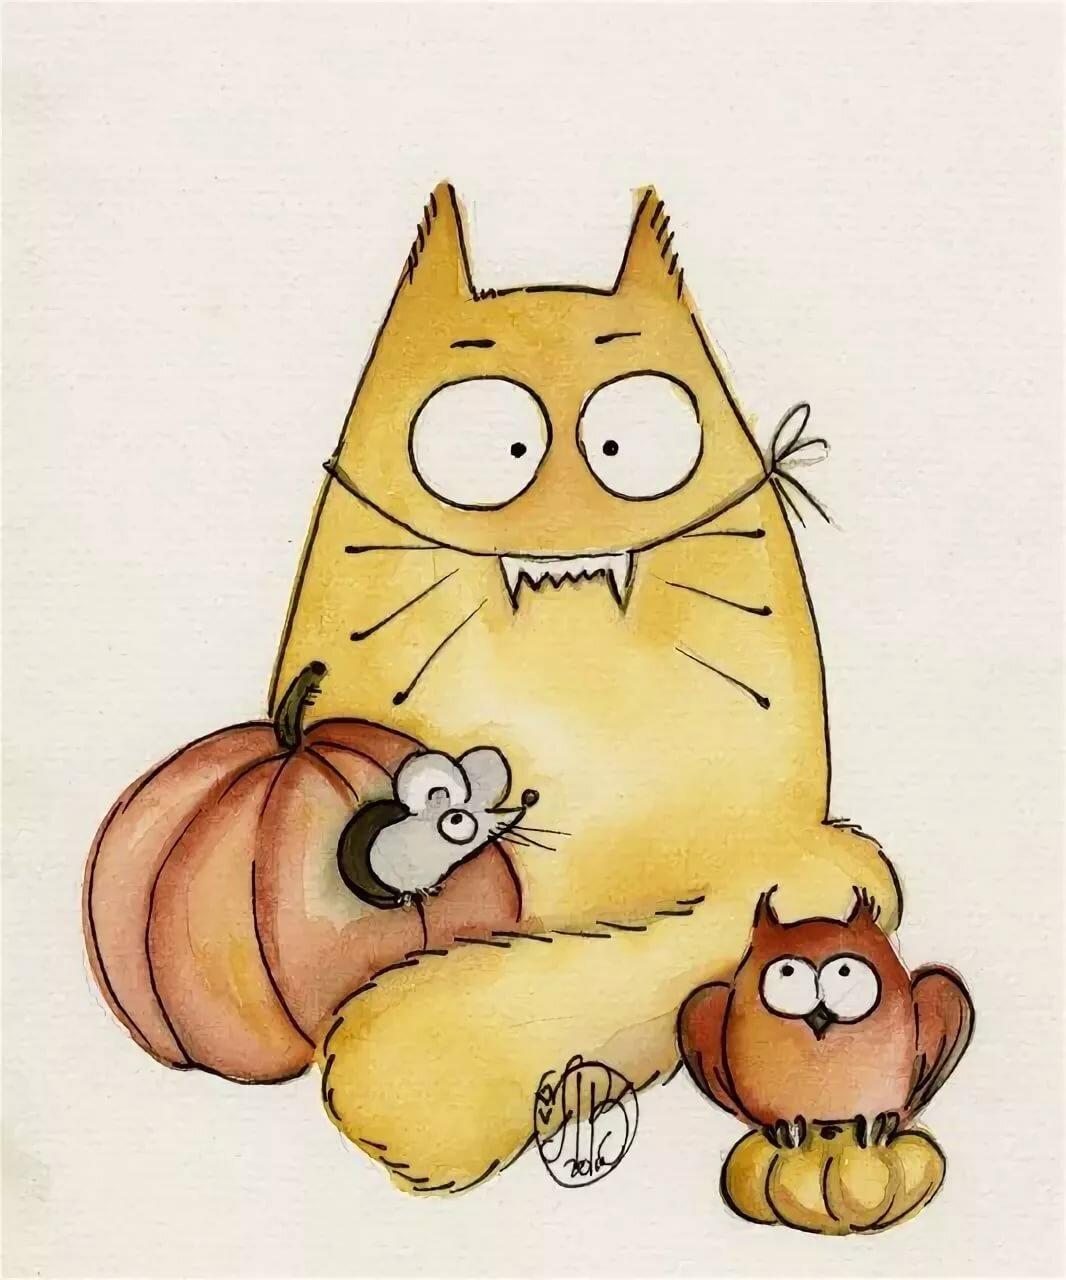 Смешная мультяшная картинка кота, днем иконы казанской